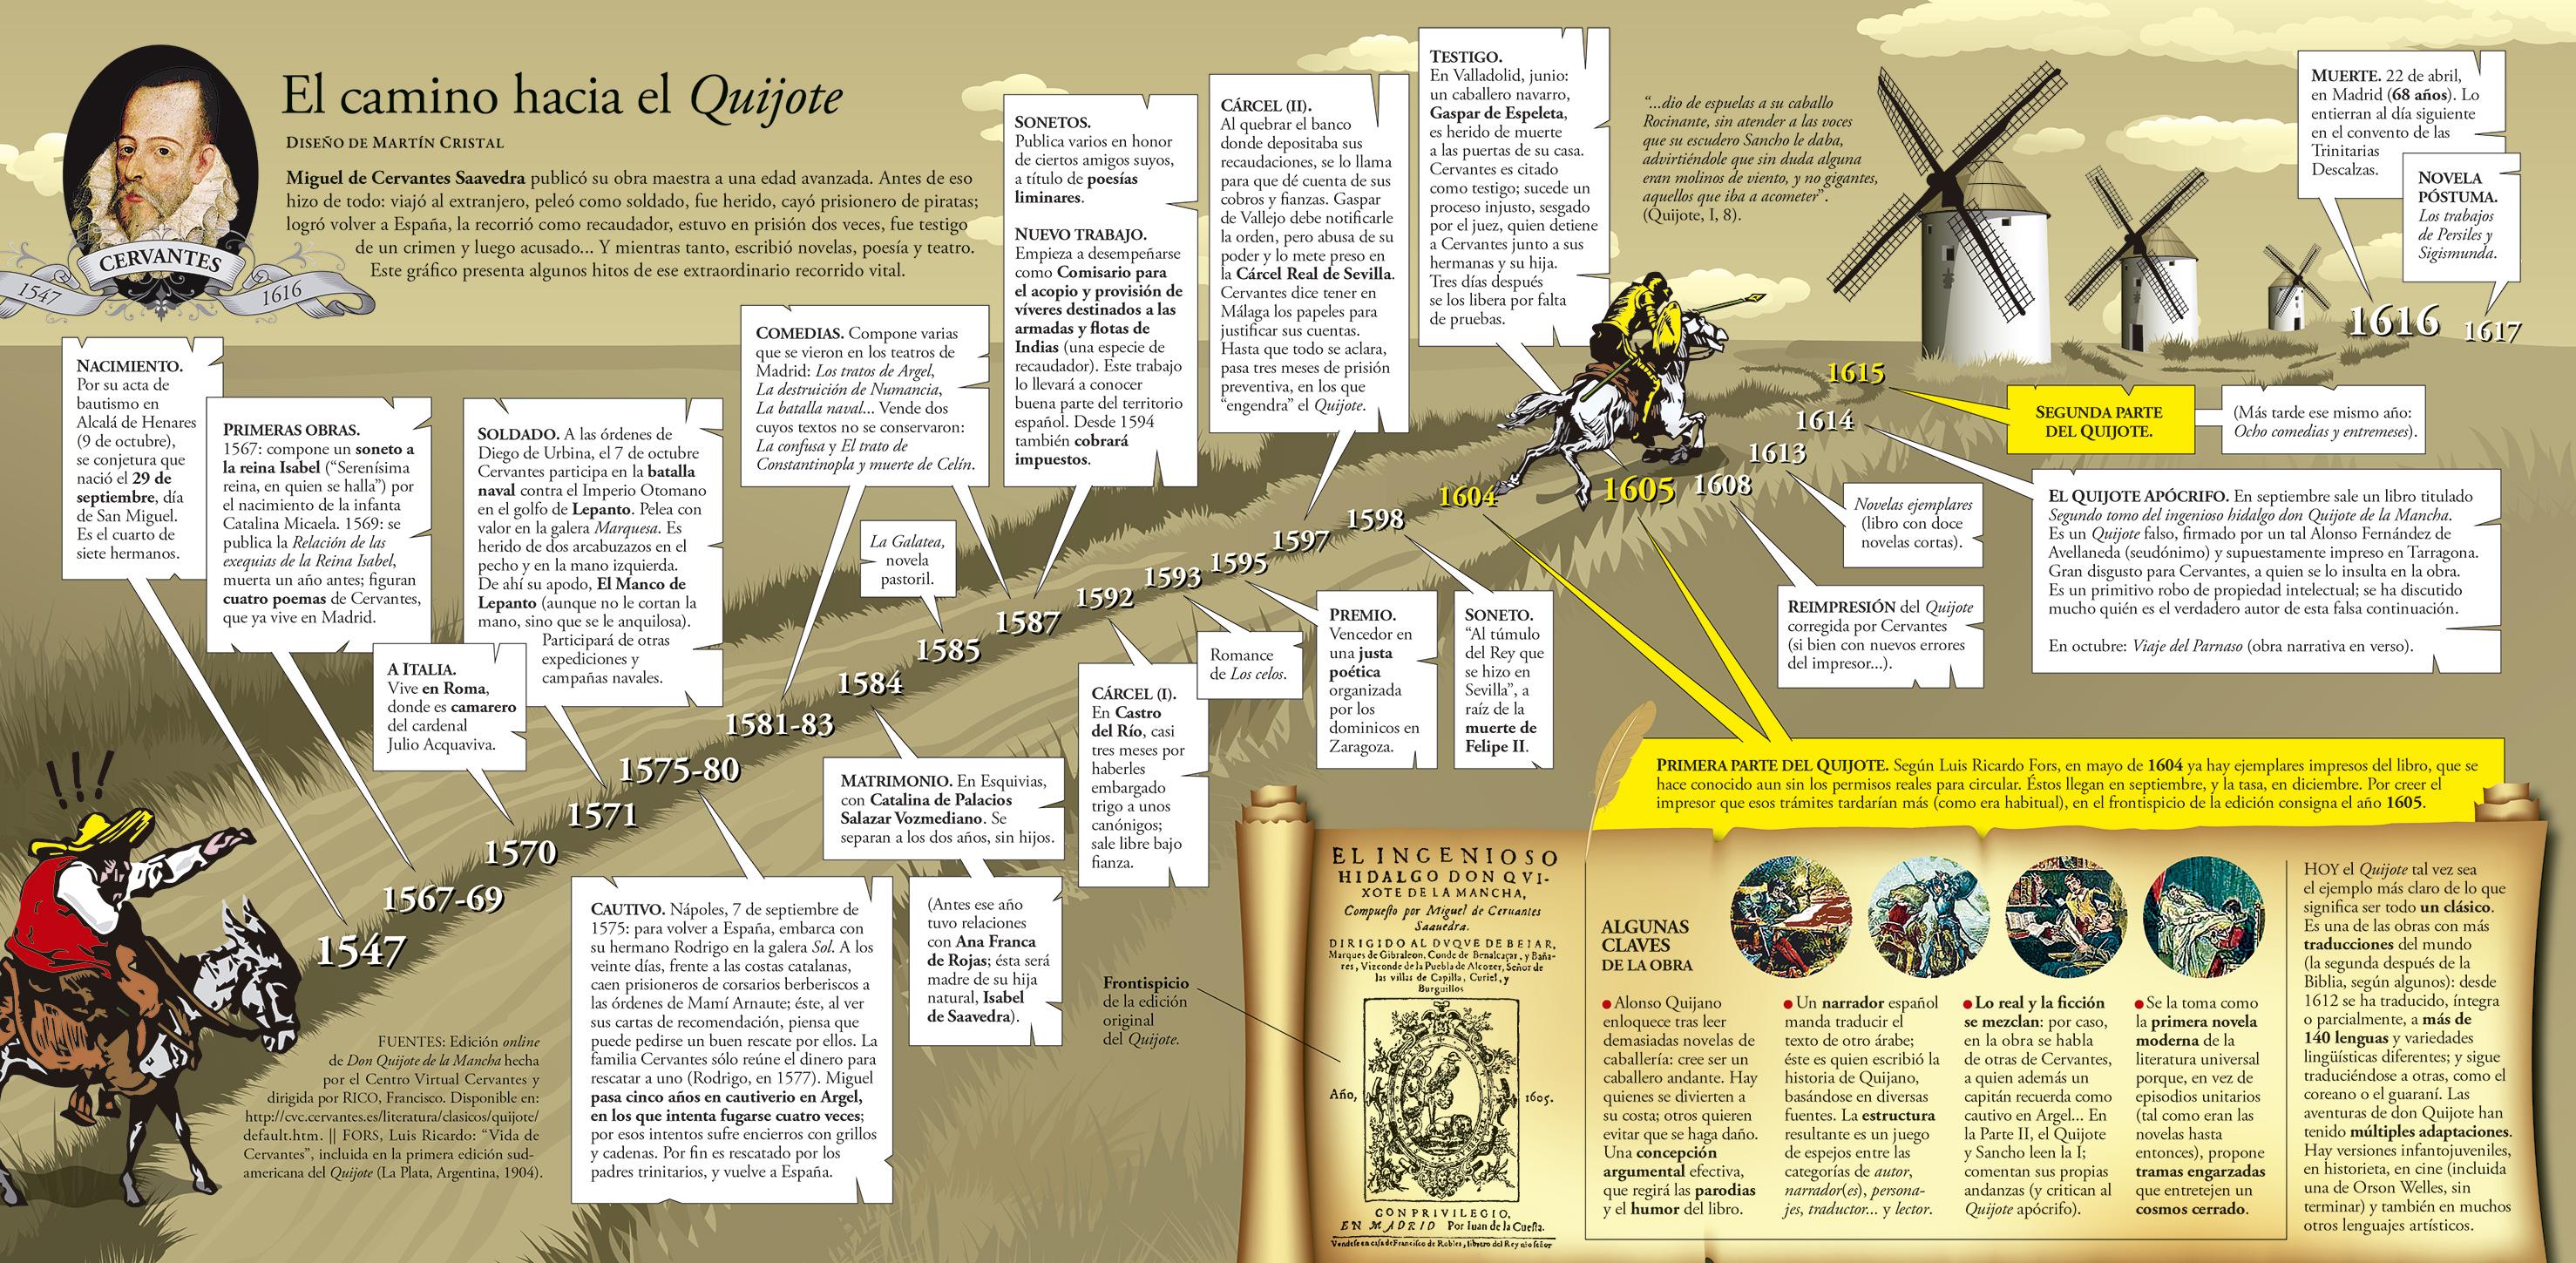 infografia-cervantes-por-martin-cristal-WEB.jpg